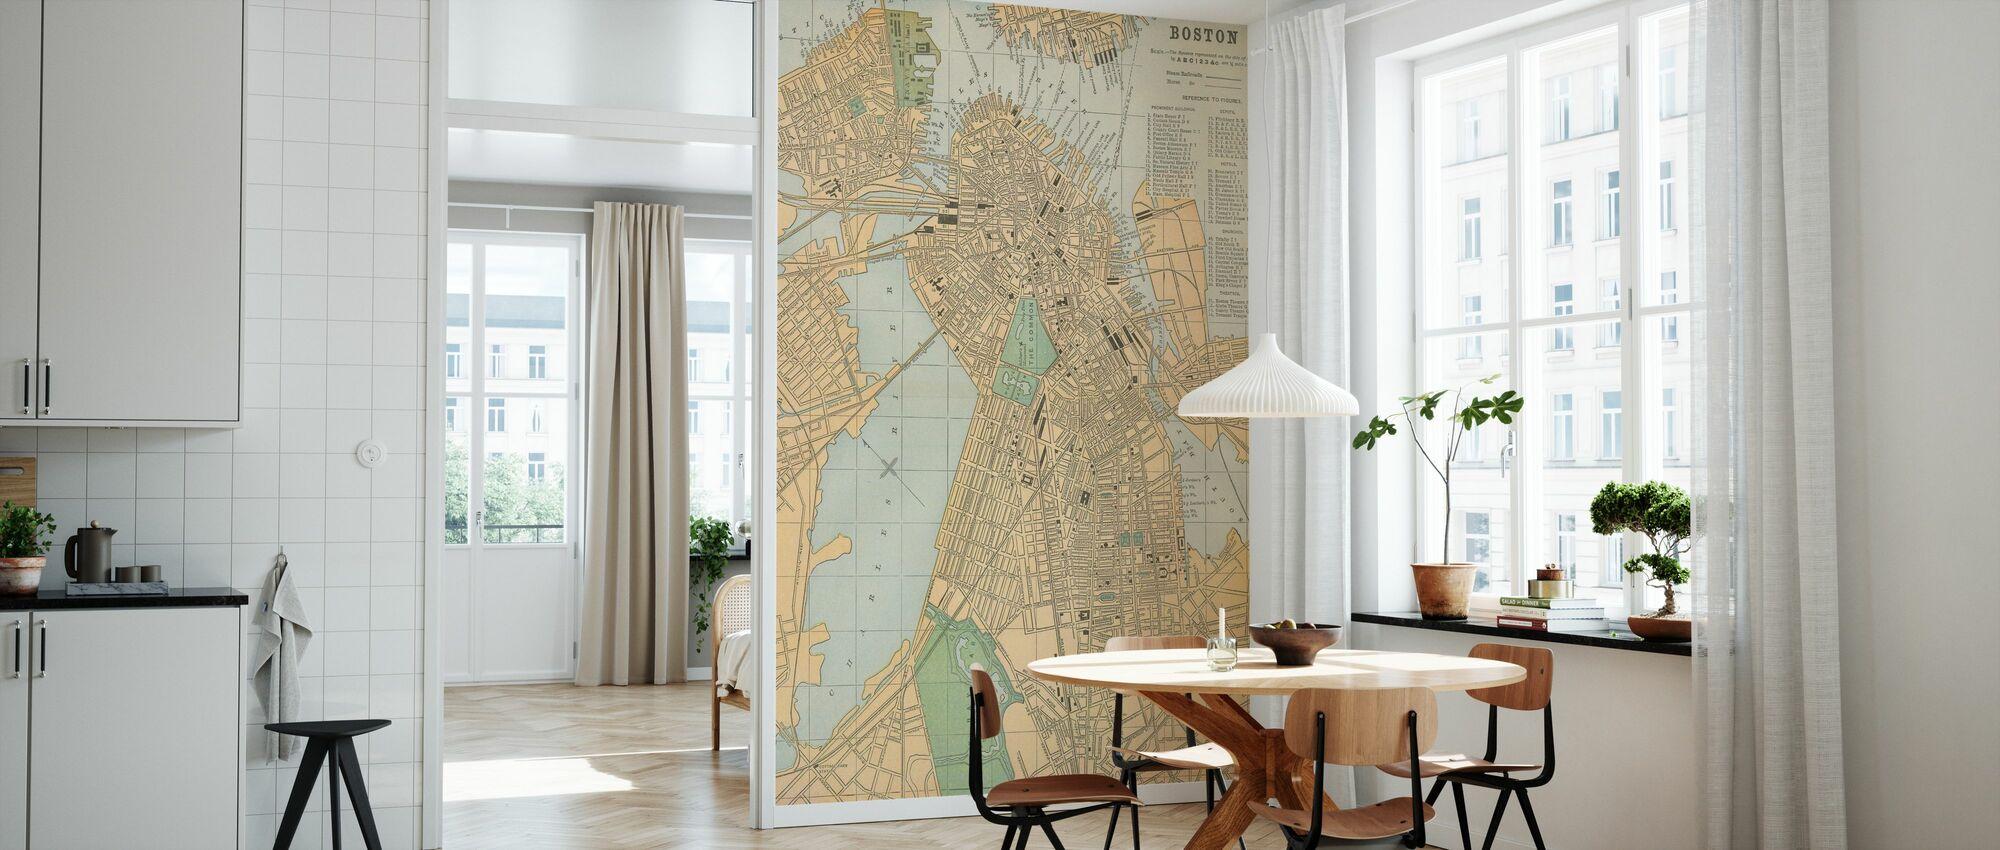 Boston Kartta - Tapetti - Keittiö